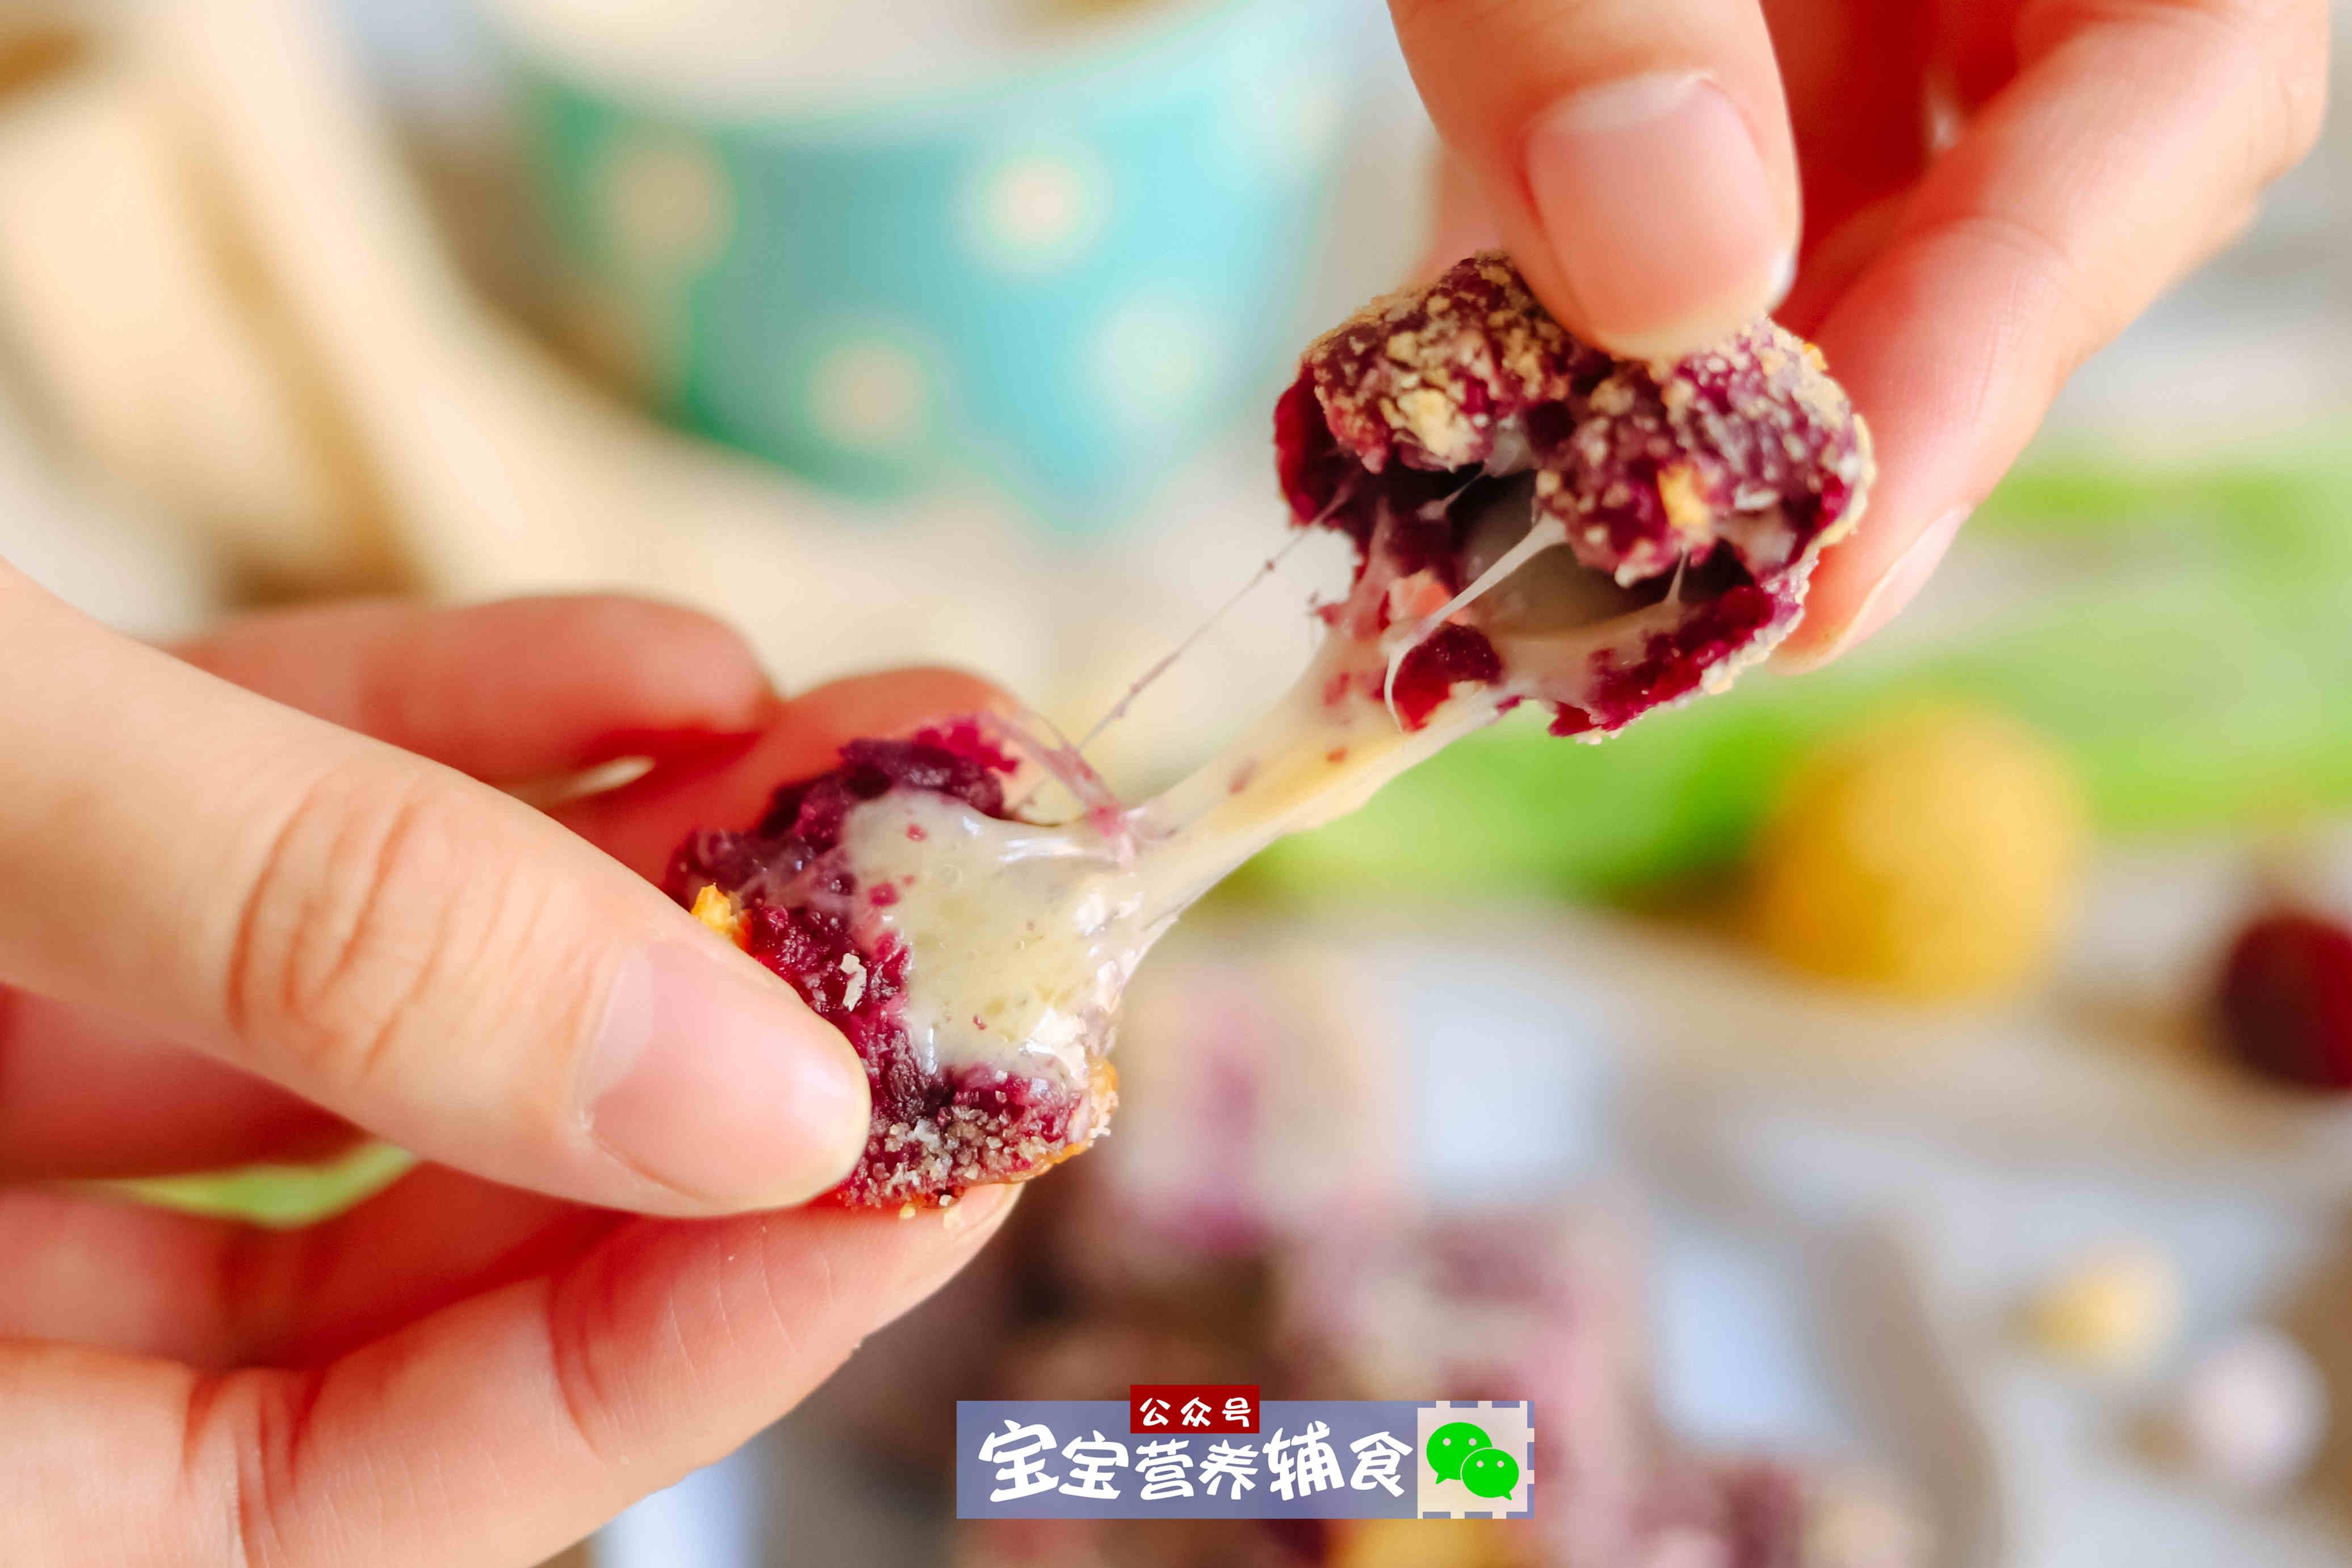 美食-免费yoqq紫薯爆浆燕麦方~宝宝辅食yoqq资源(4)